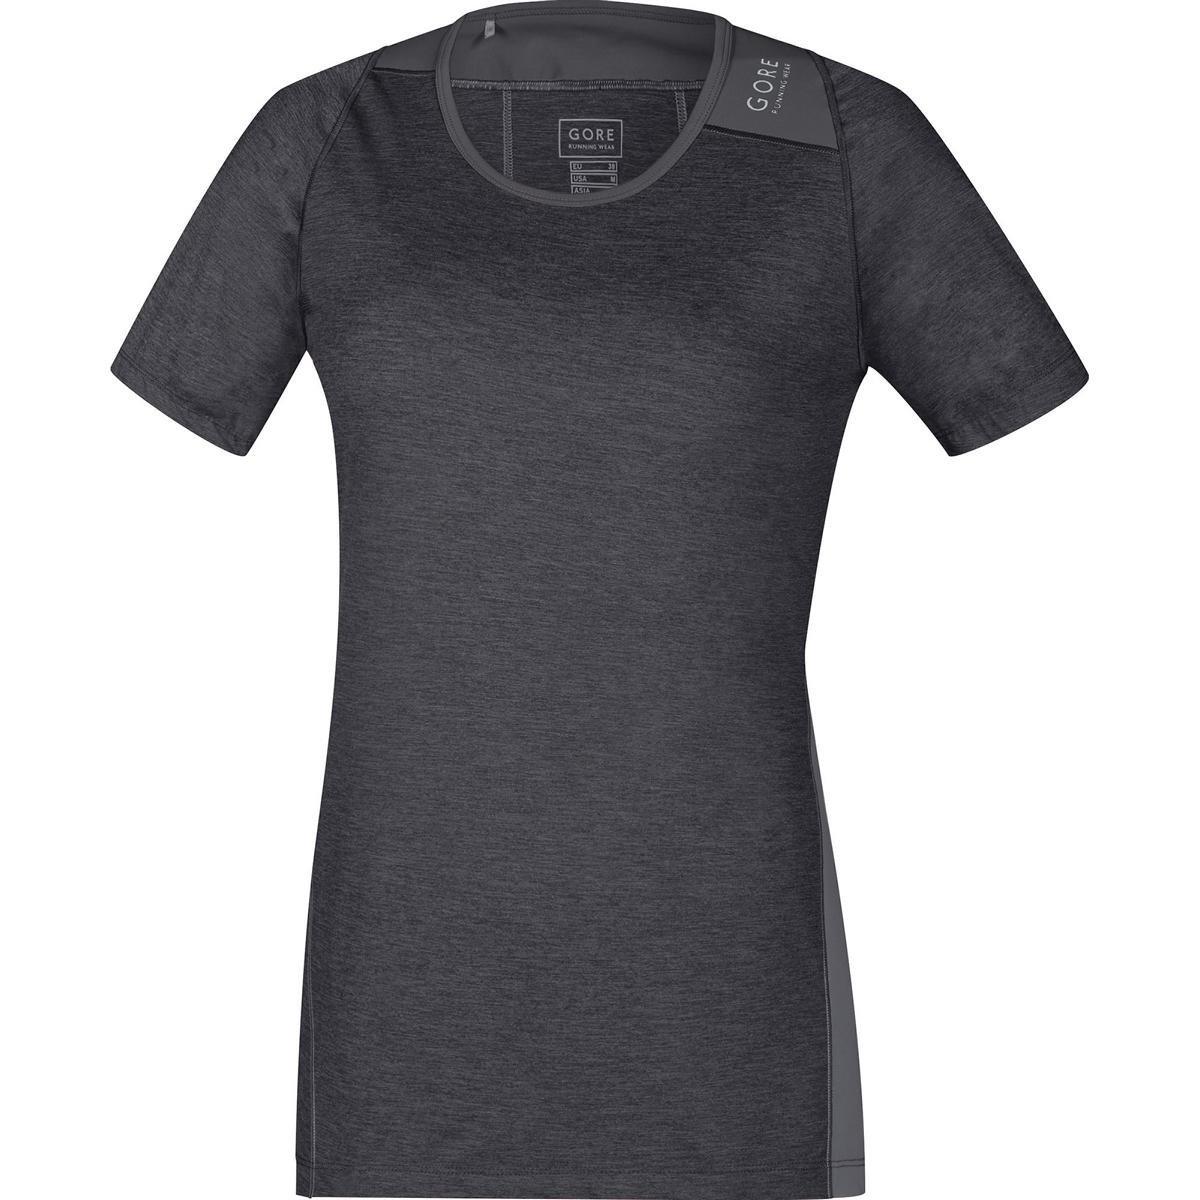 GORE WEAR, Donna, Maglia traspirante a maniche corte da corsa, GORE R3 Women Shirt, 100234